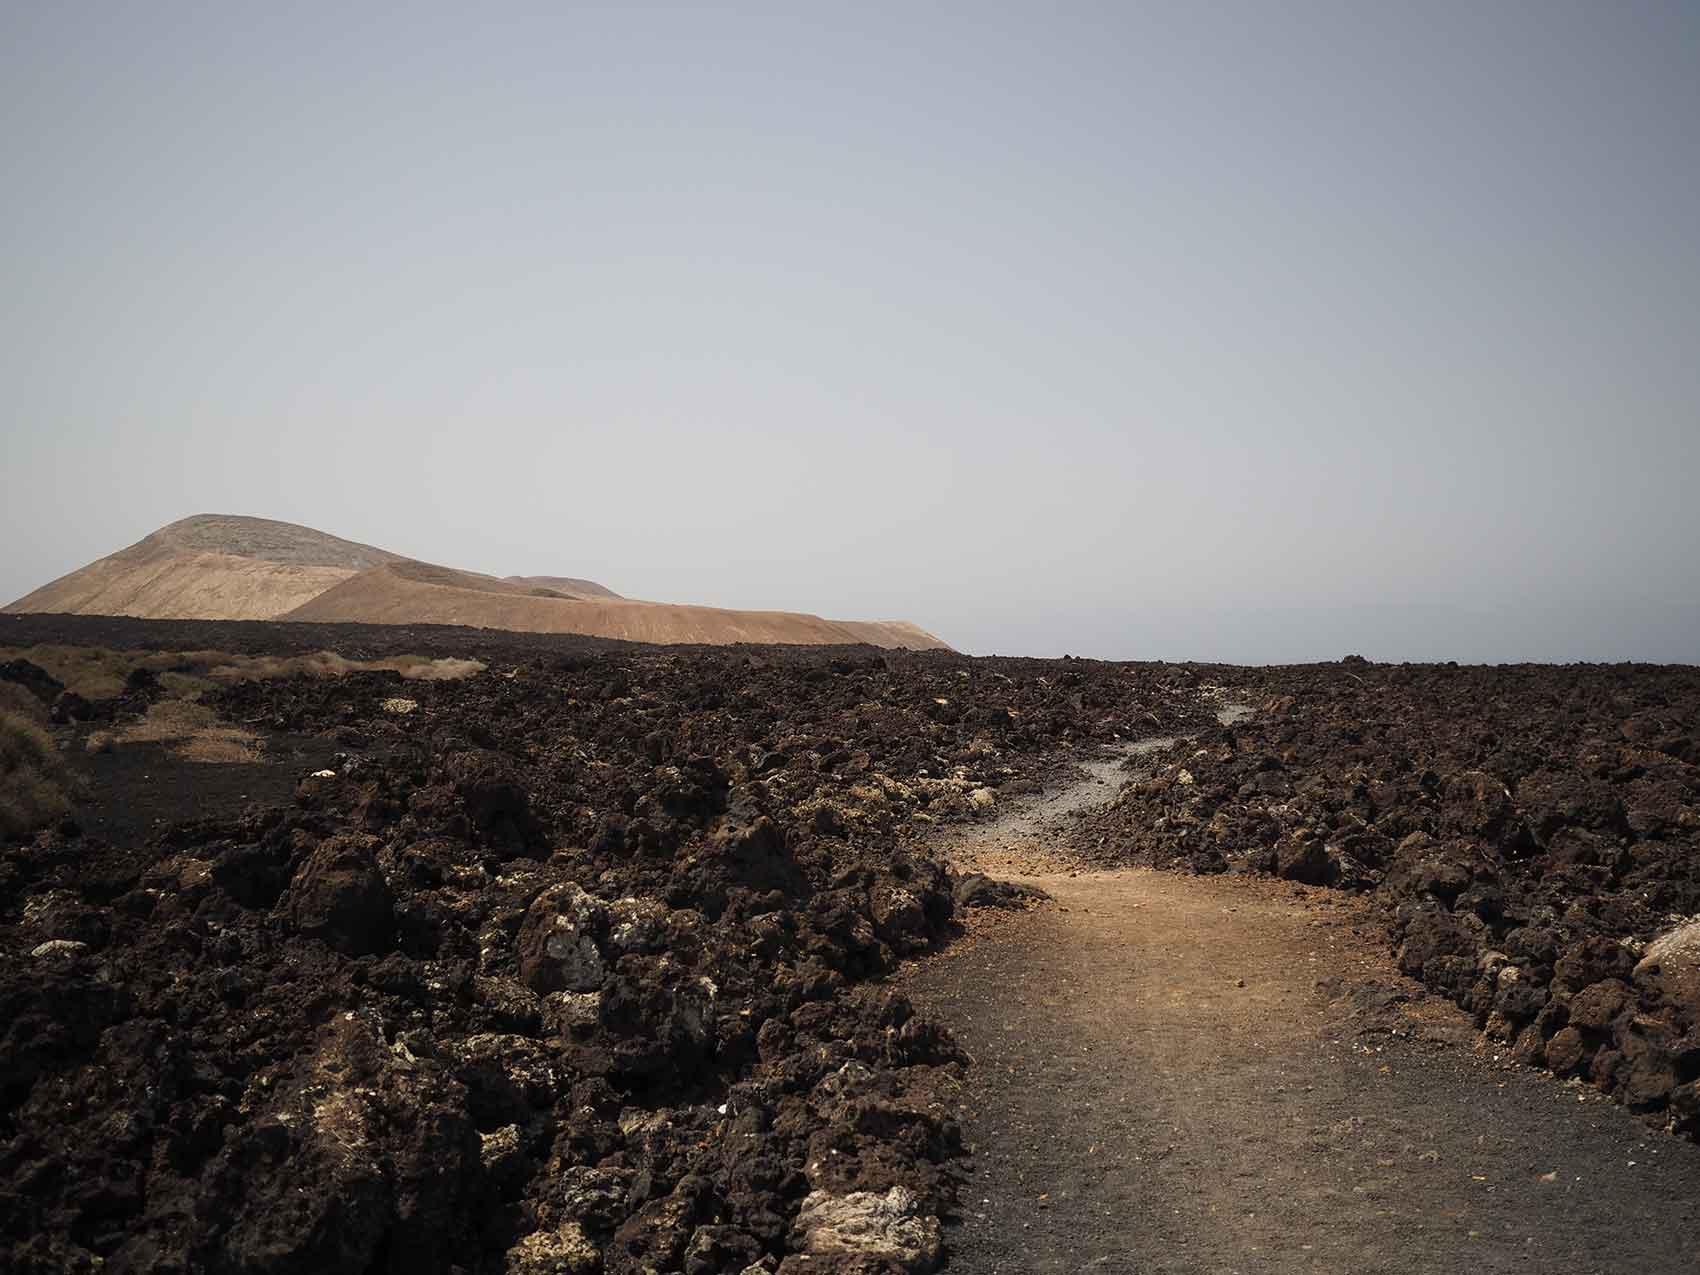 Chemin de randonnée vers la Caldera Blanca, un des volcans de Lanzarote.